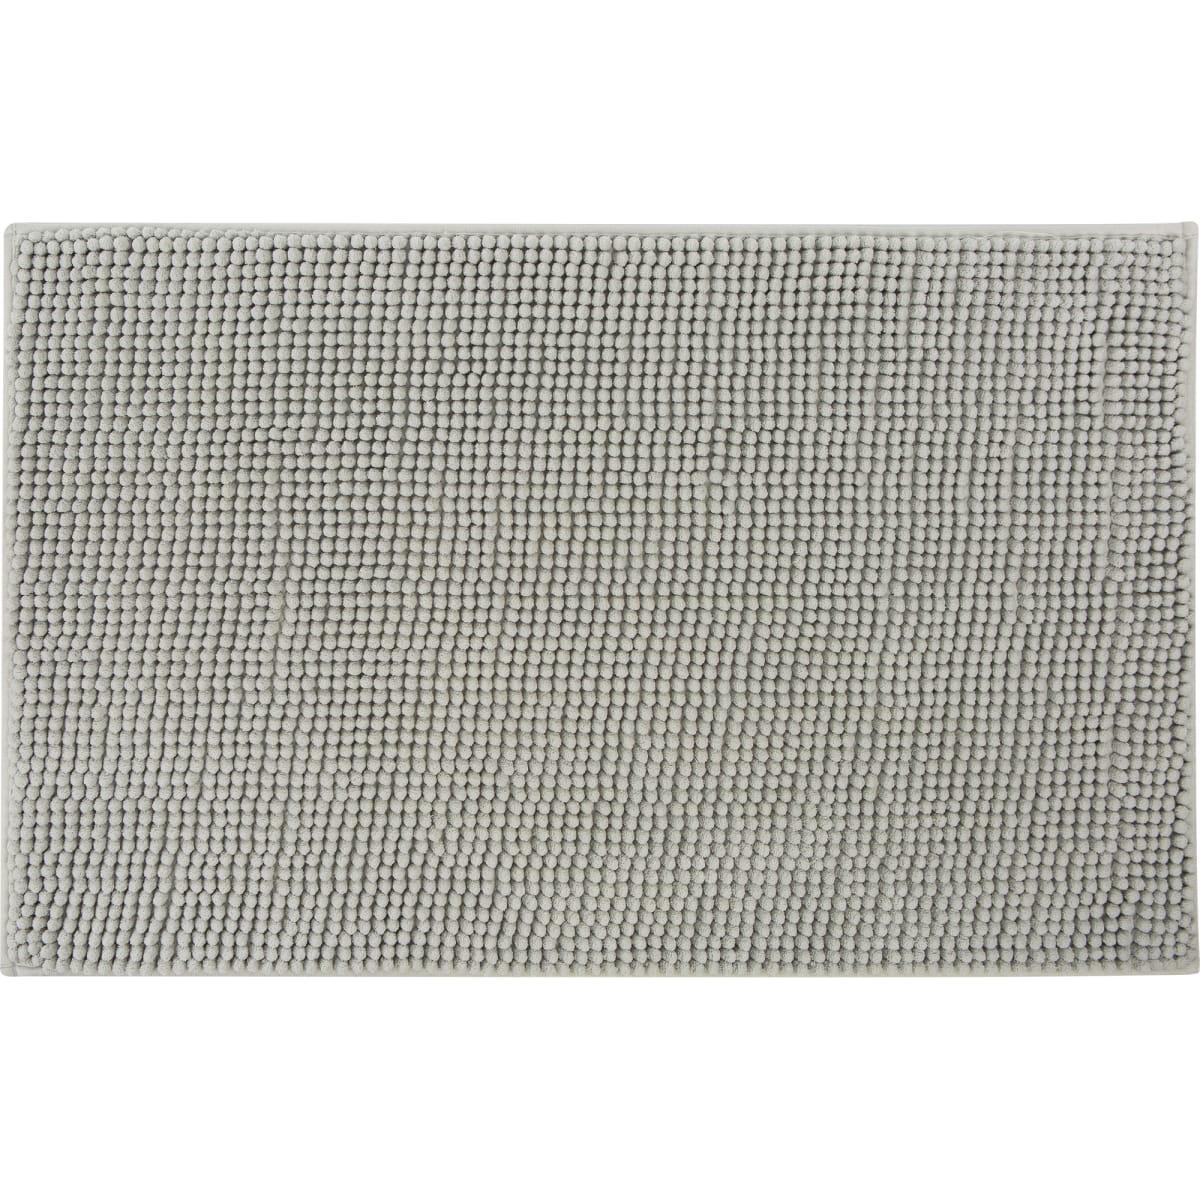 Коврик для ванной комнаты Merci 45x70 см цвет серый